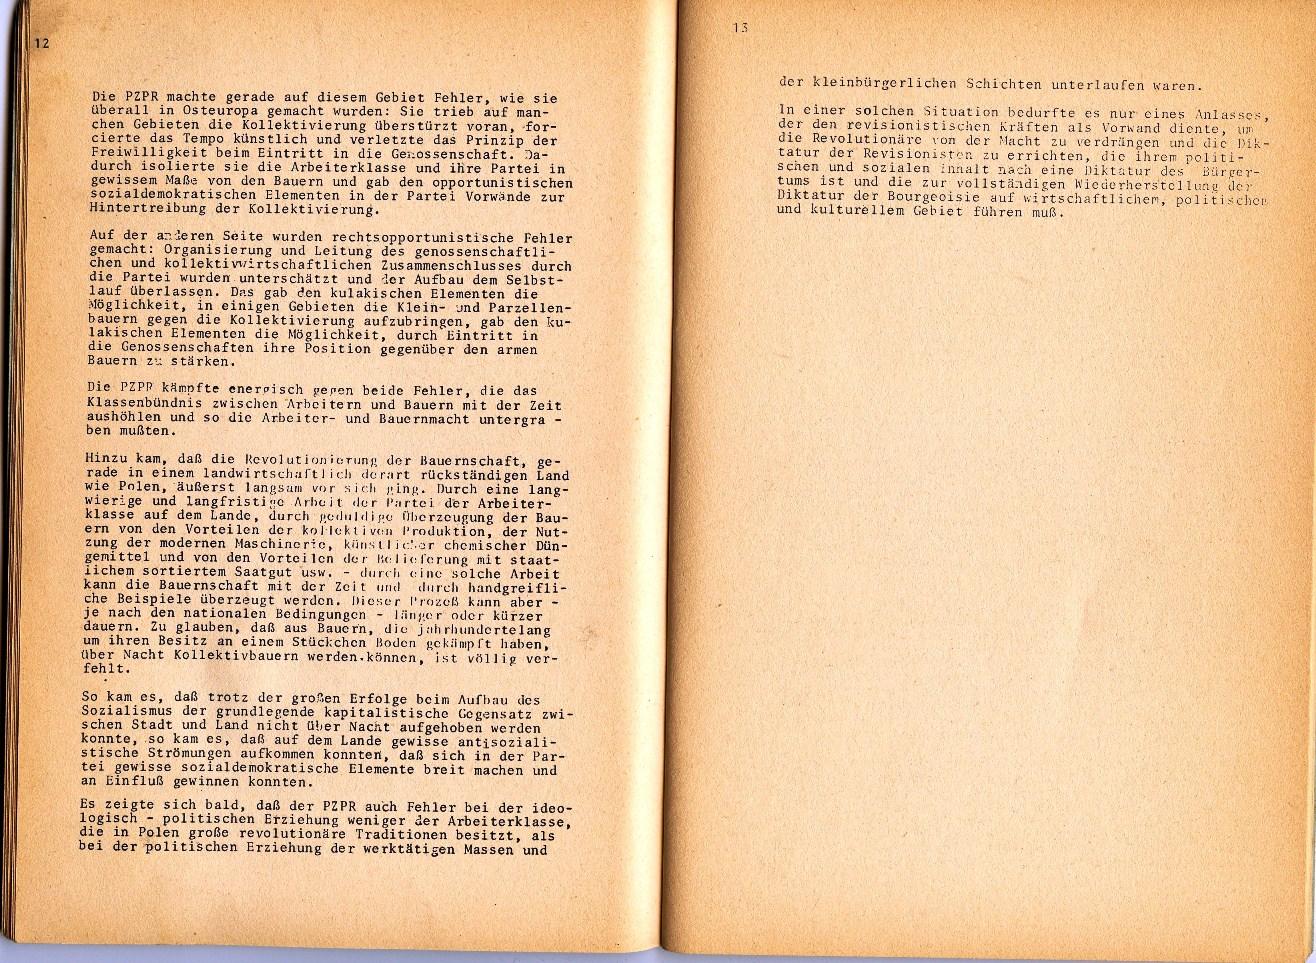 ZB_Polen_Aufstand_1971_10